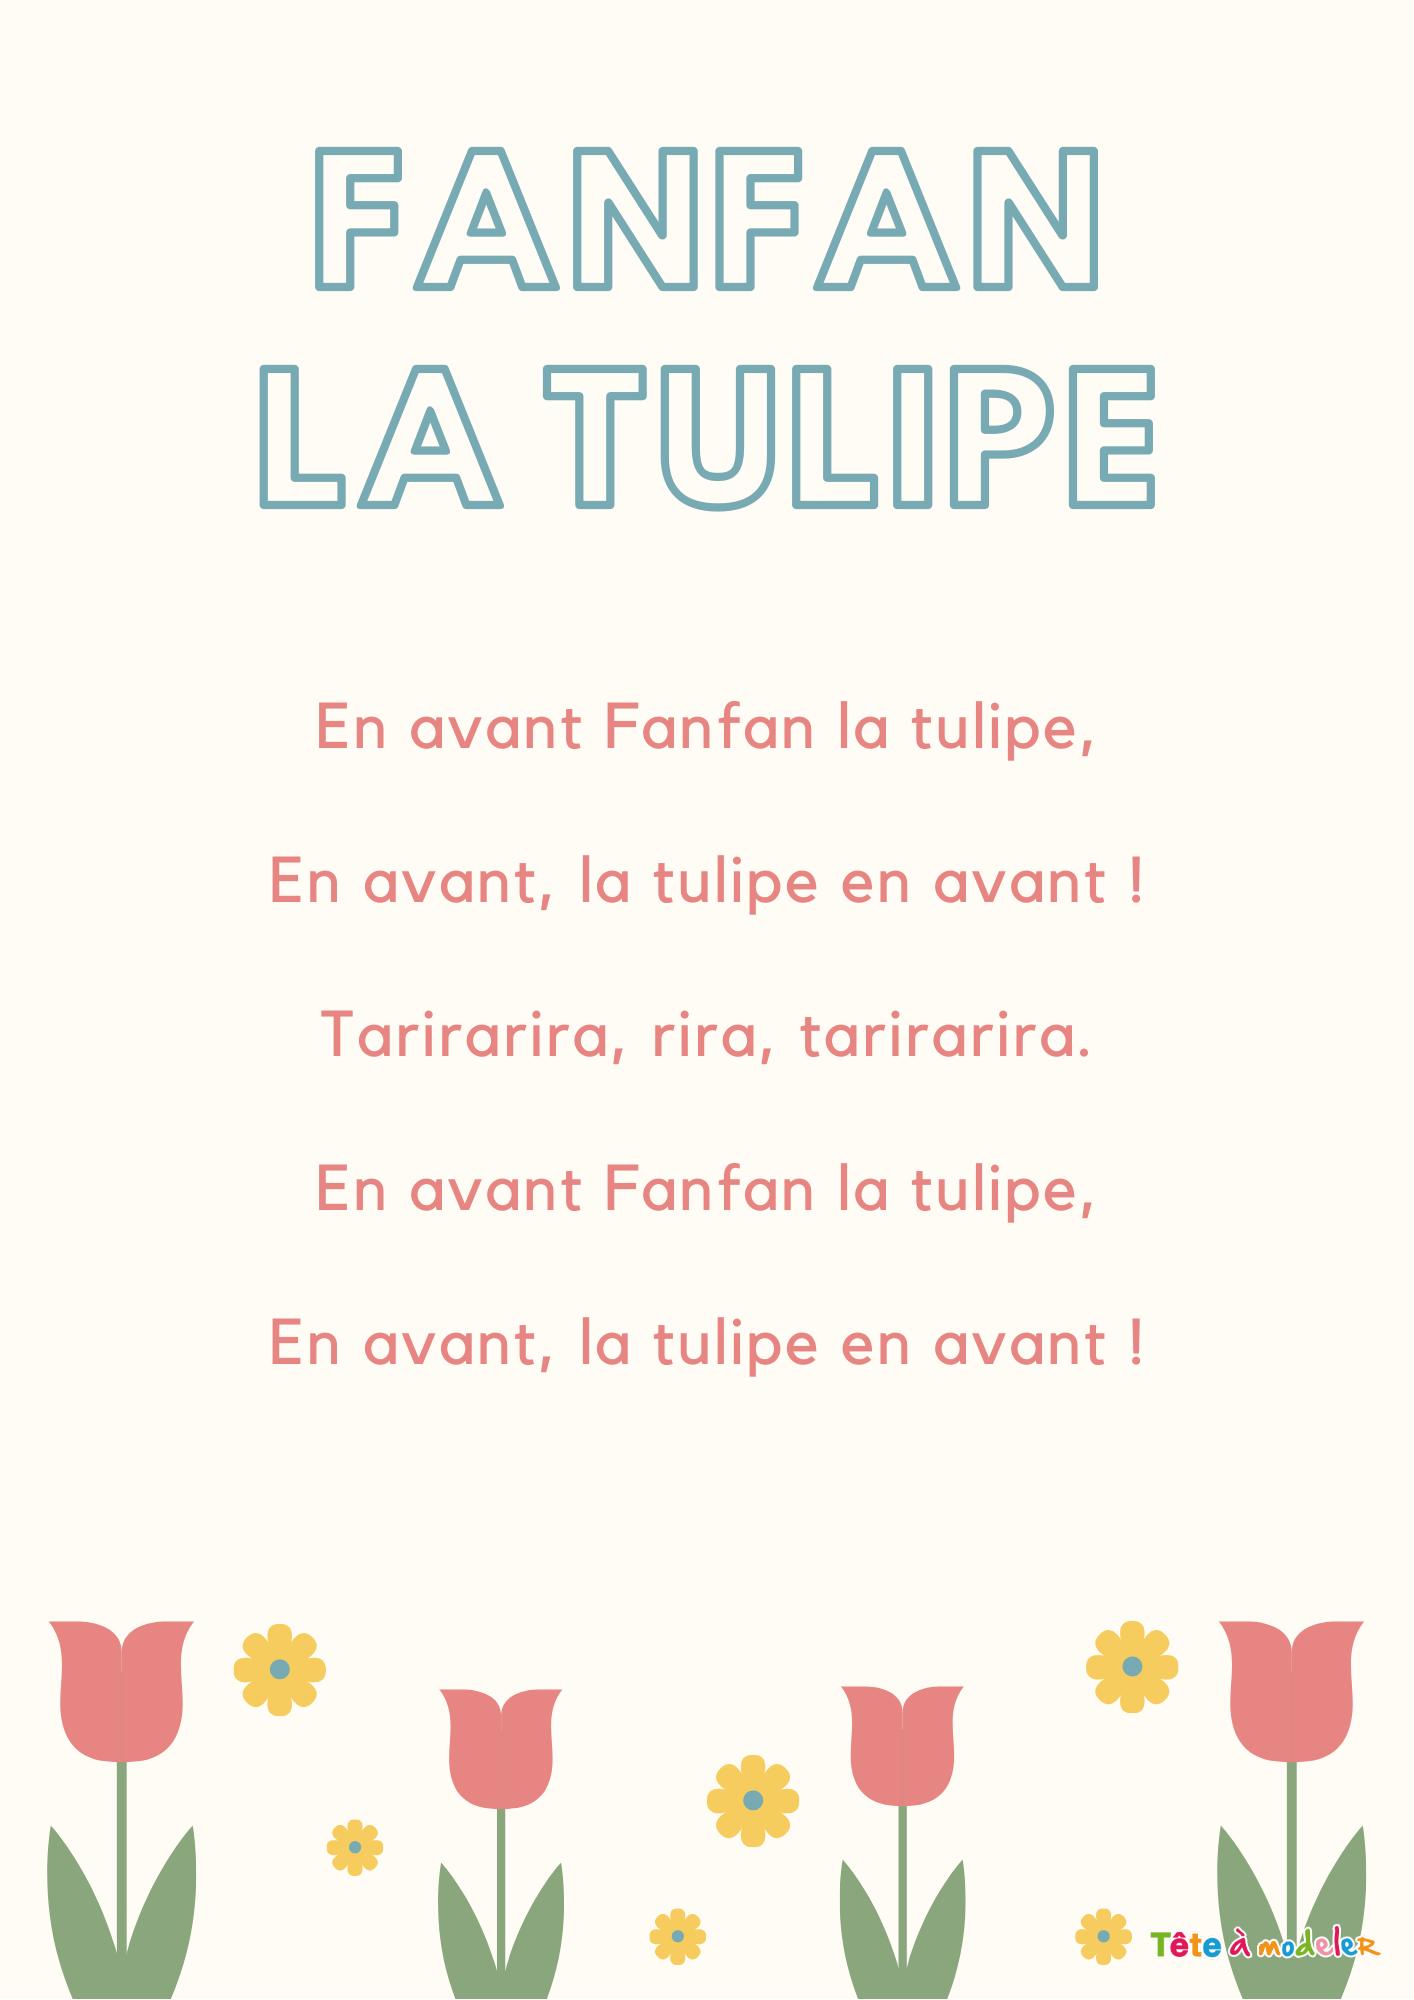 Imprimer La Chanson Fanfan La Tulipe Texte Et Partition encequiconcerne Chanson A Imprimer